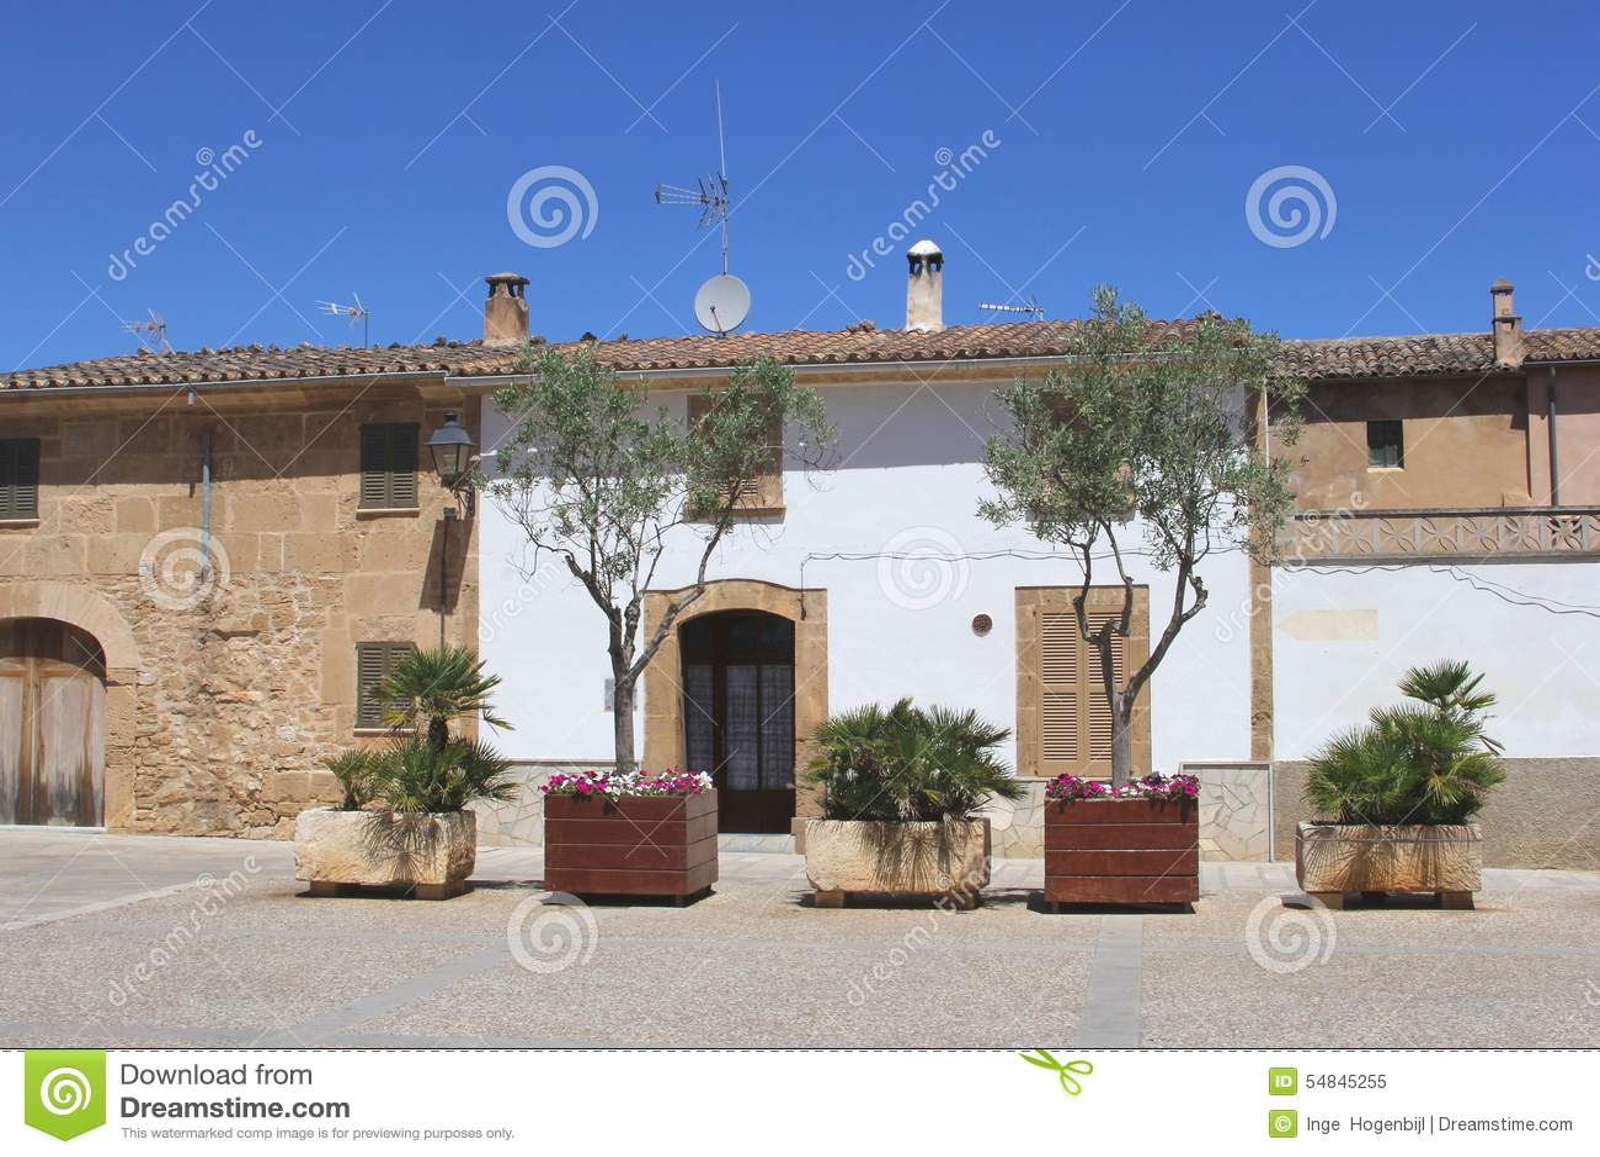 Immagini di giardini moderni : Case sceniche di mediterranen con un giardino moderno in alcudia